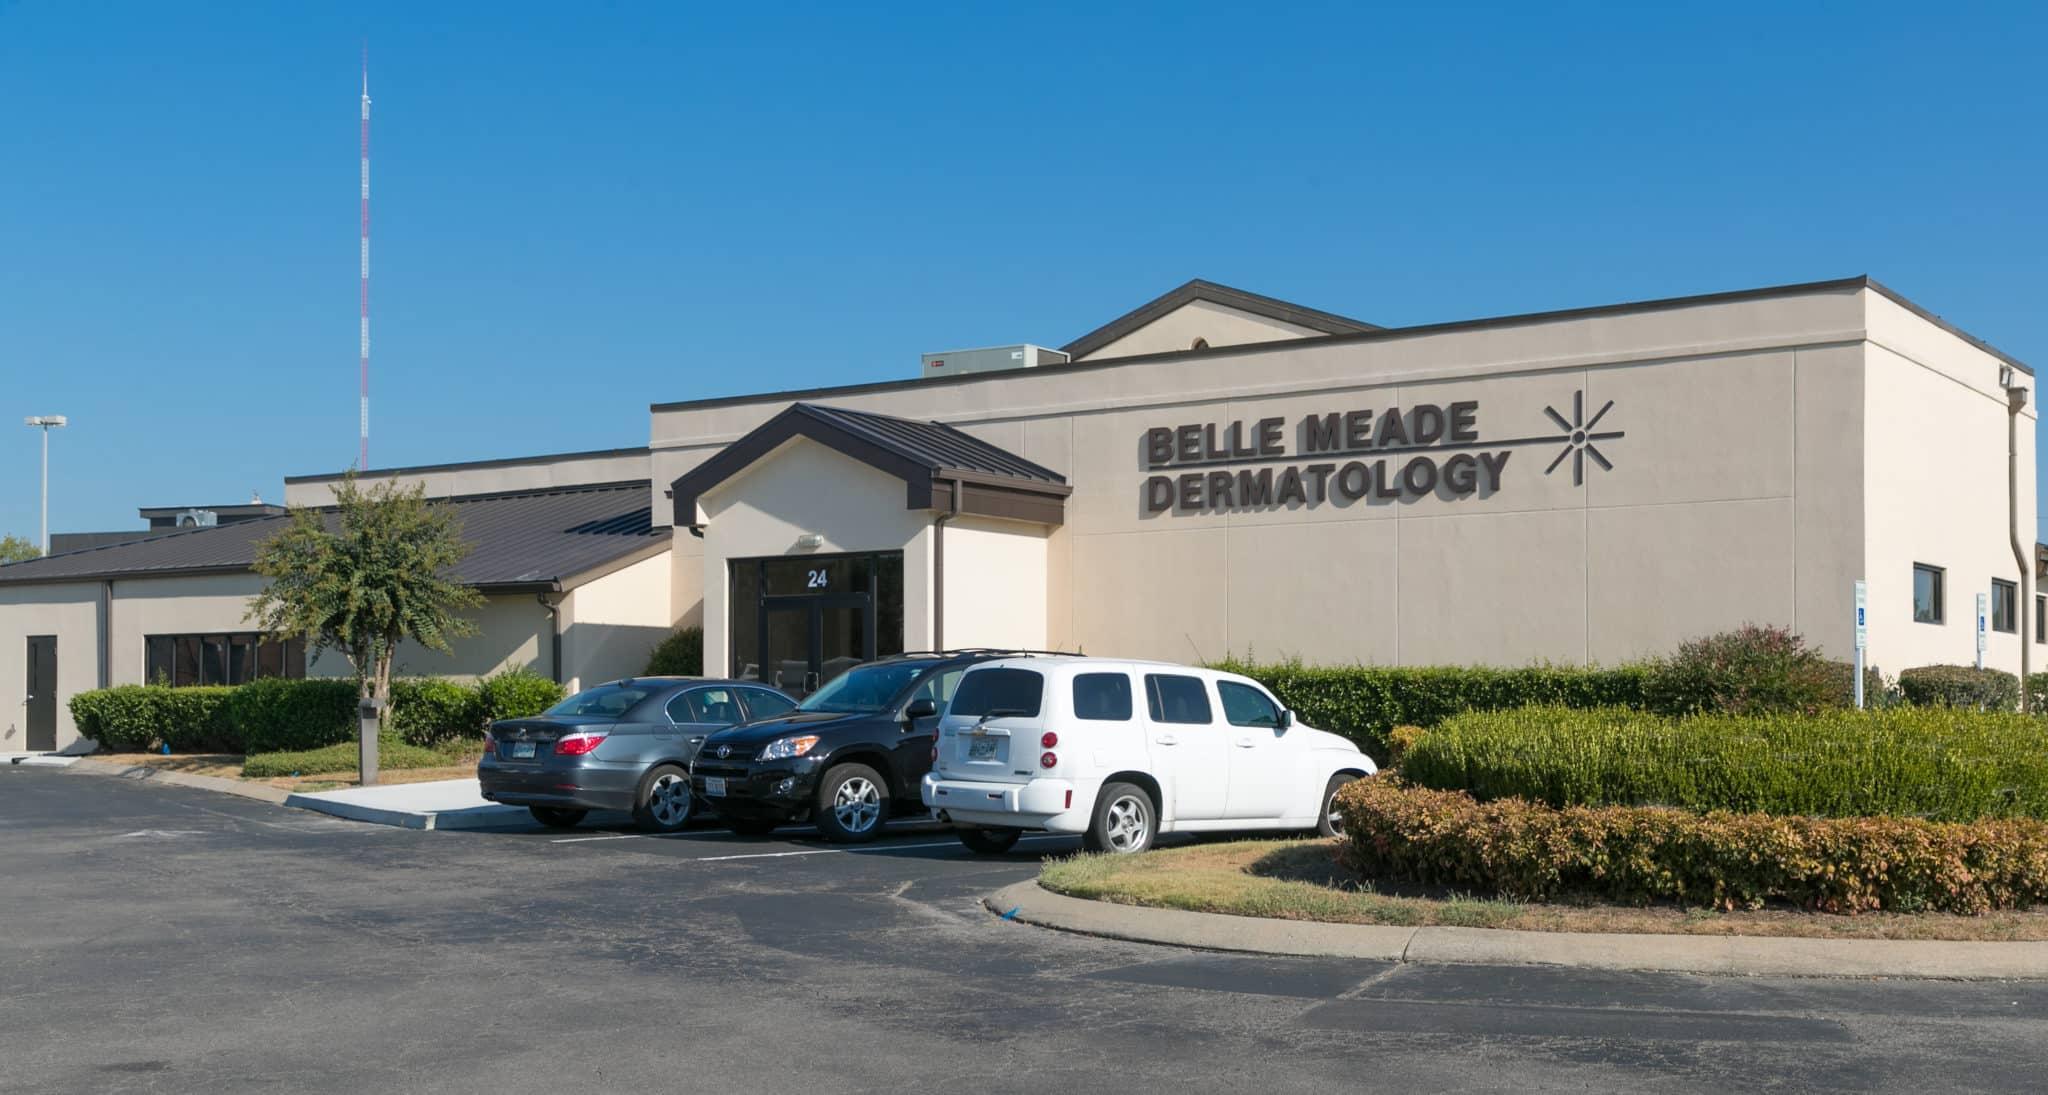 Nashville – Belle Meade